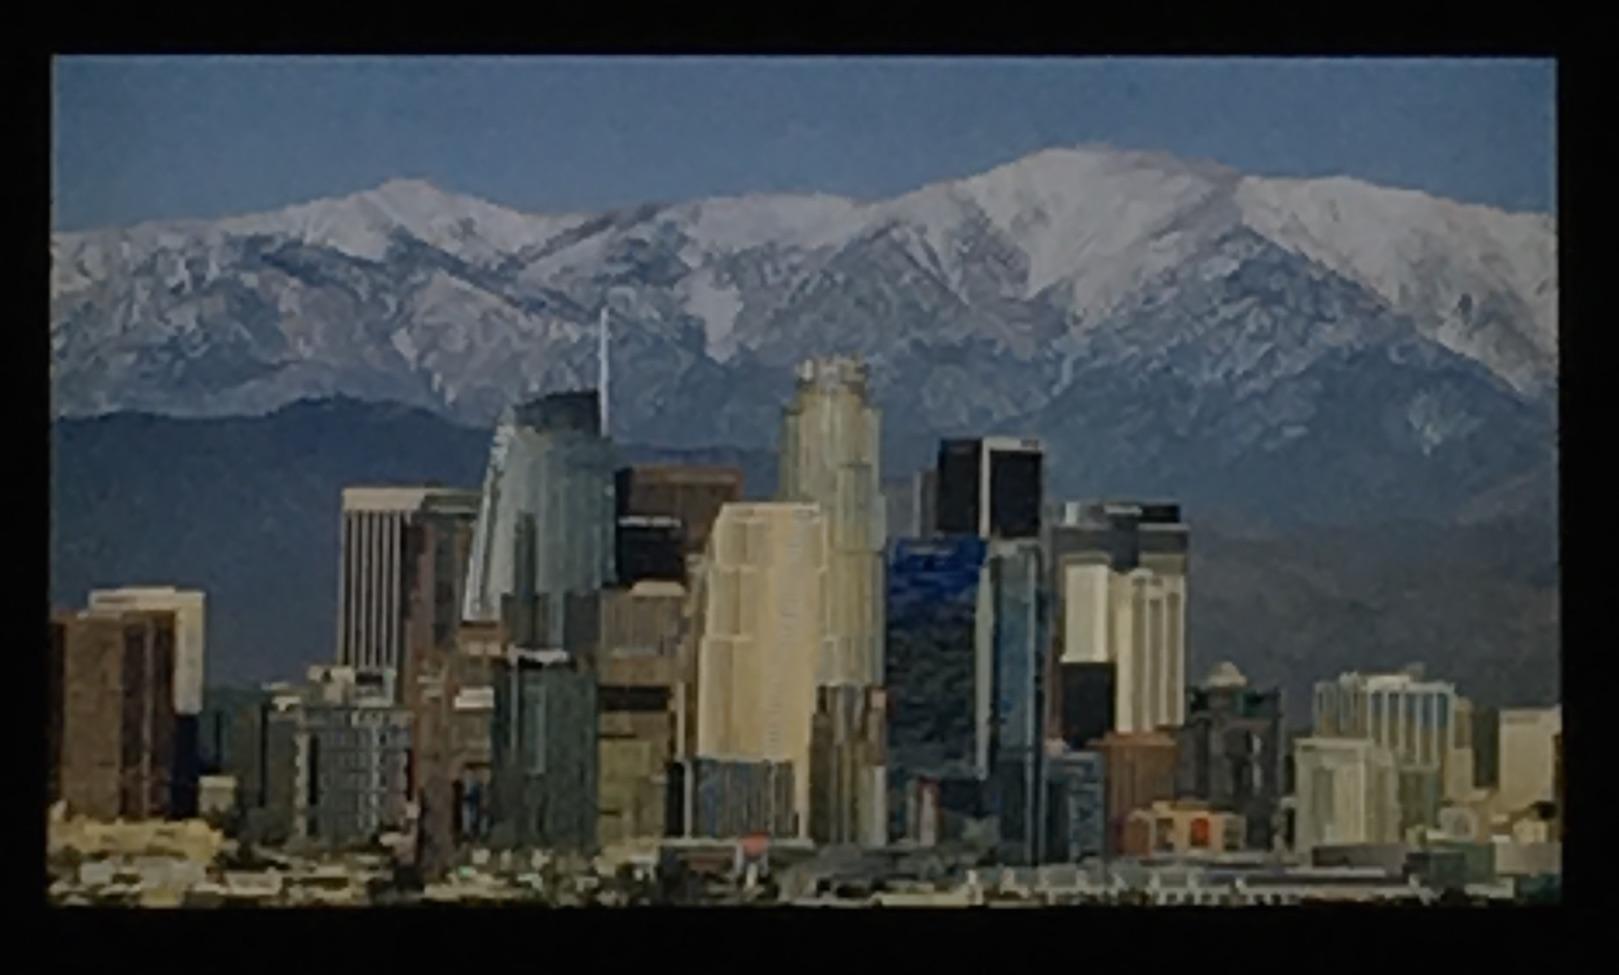 林心雅與李文堯近期為了拍到洛杉磯市區後面的一座山壯觀景象。(記者謝雨珊/翻攝)